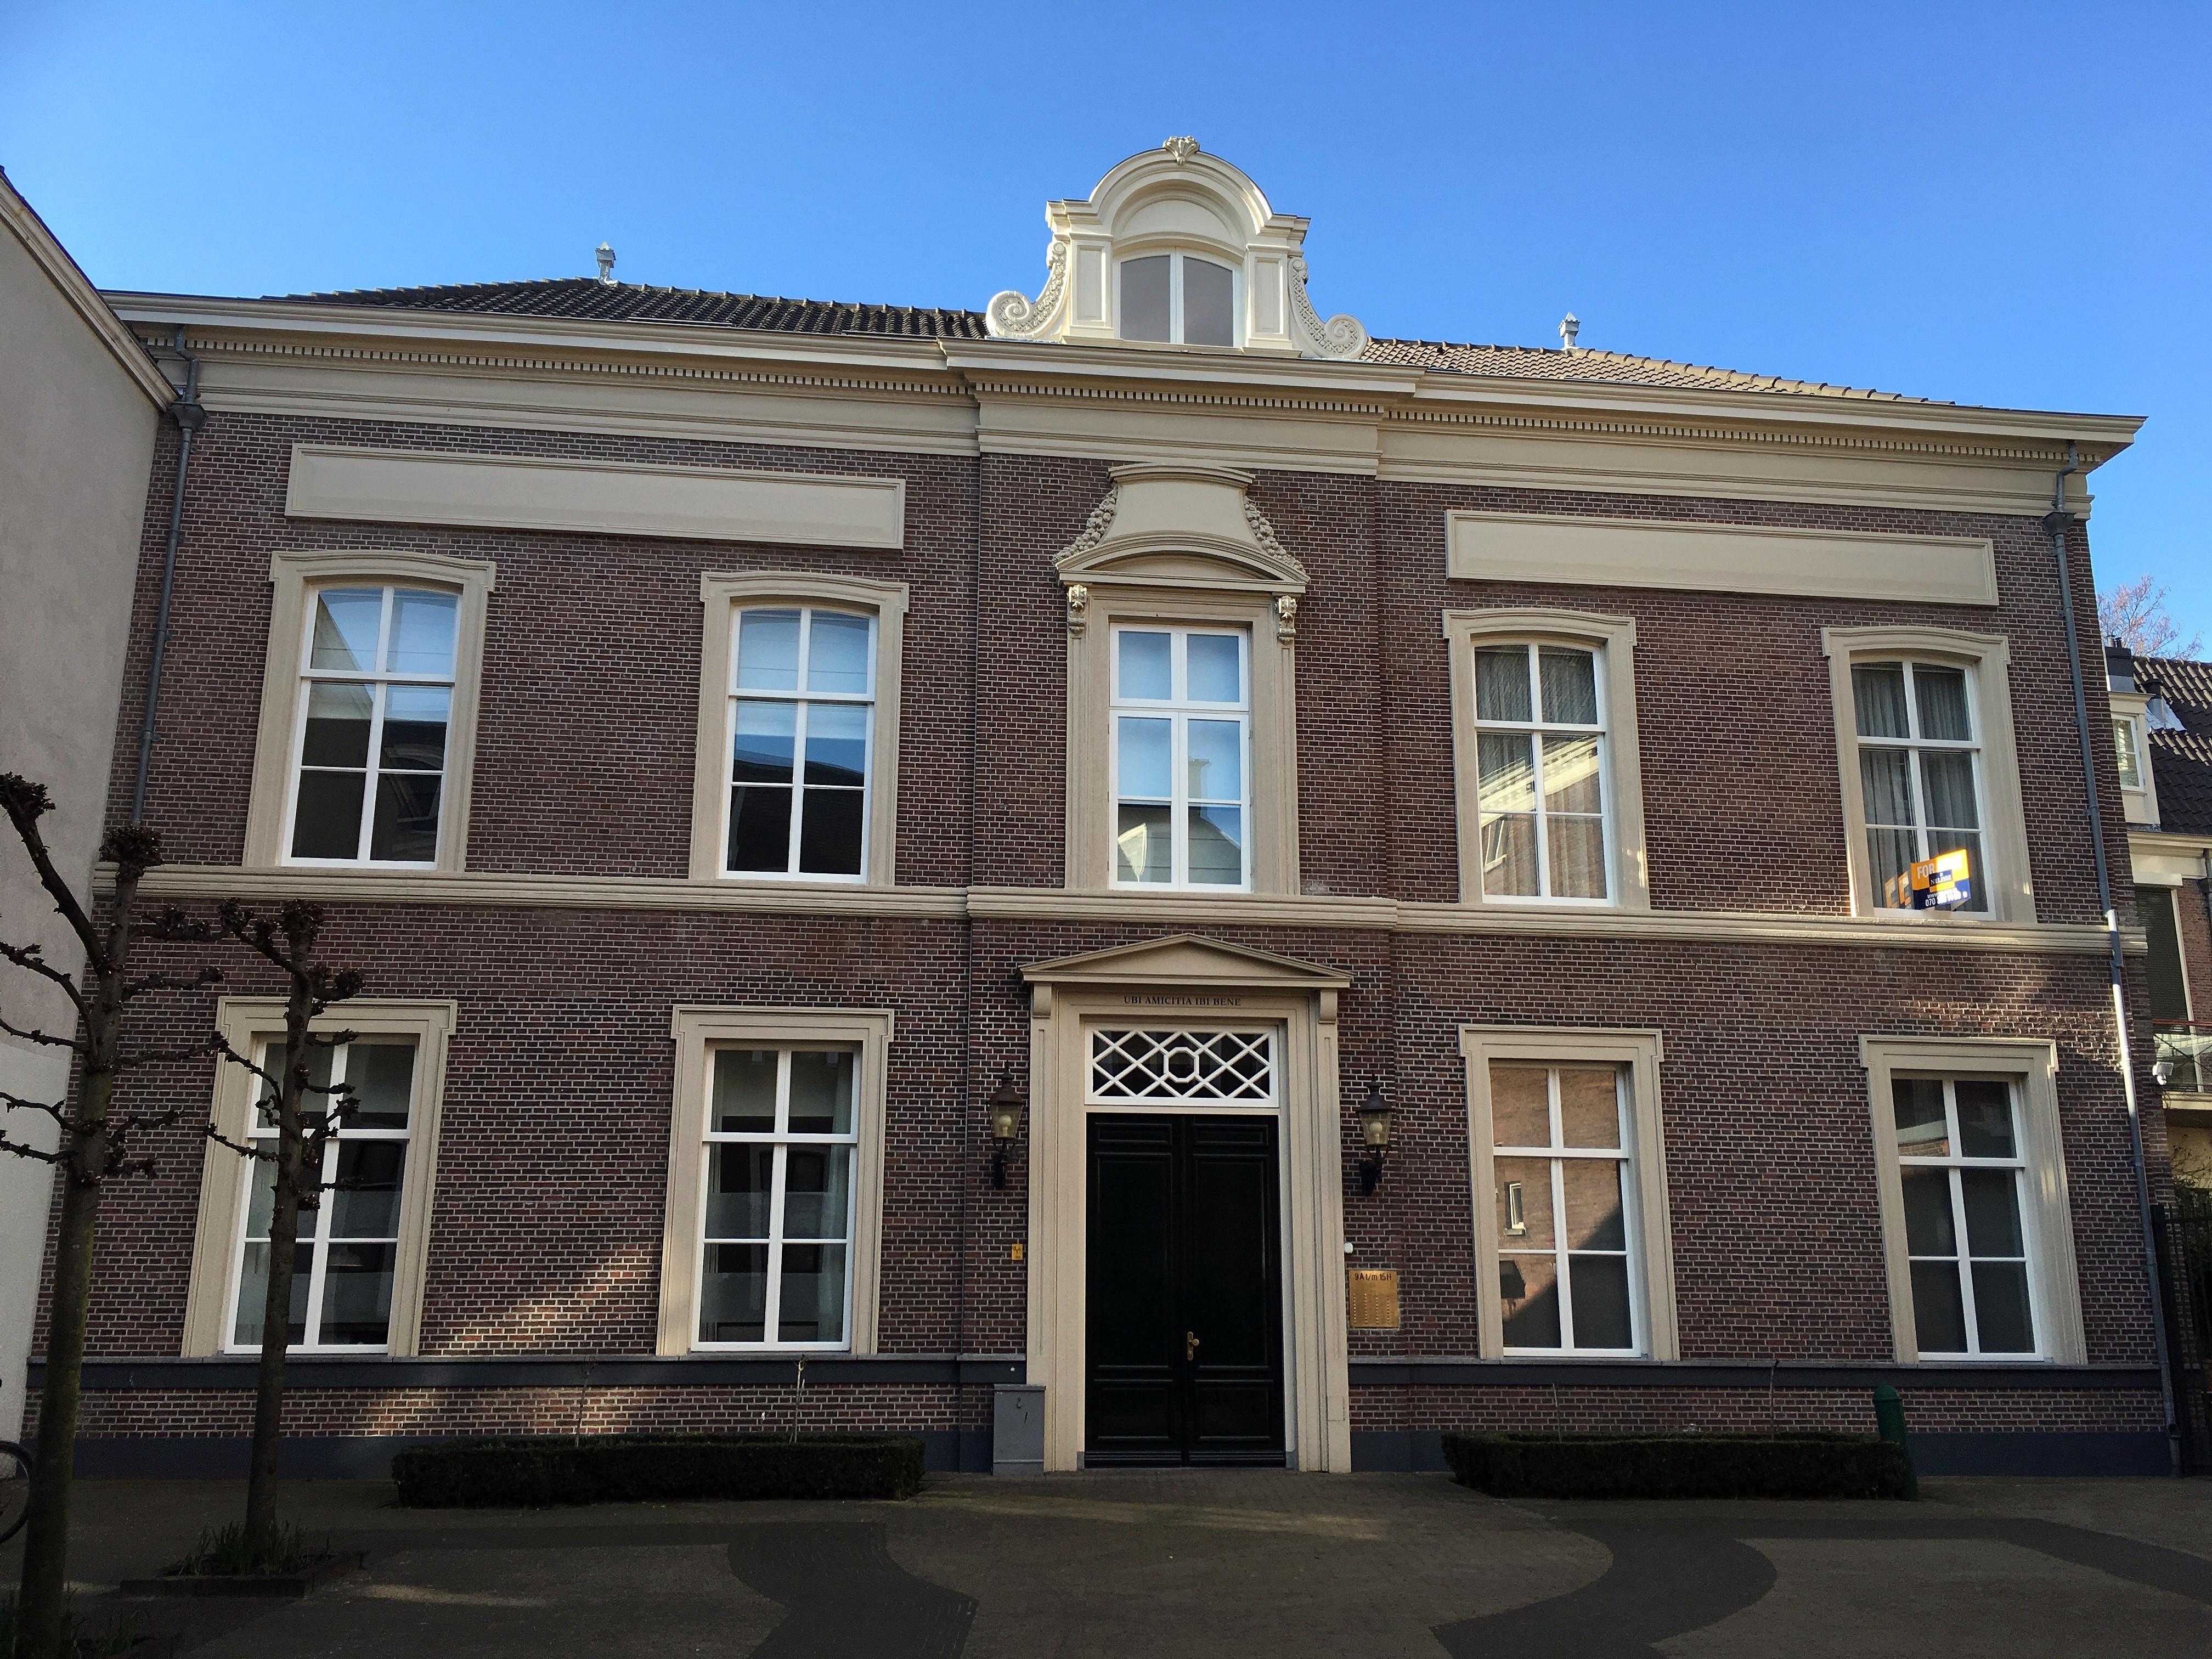 FileAmicitia Gebouw Westeinde Nrs 9 Tot En Met 15 Den Haag 2018